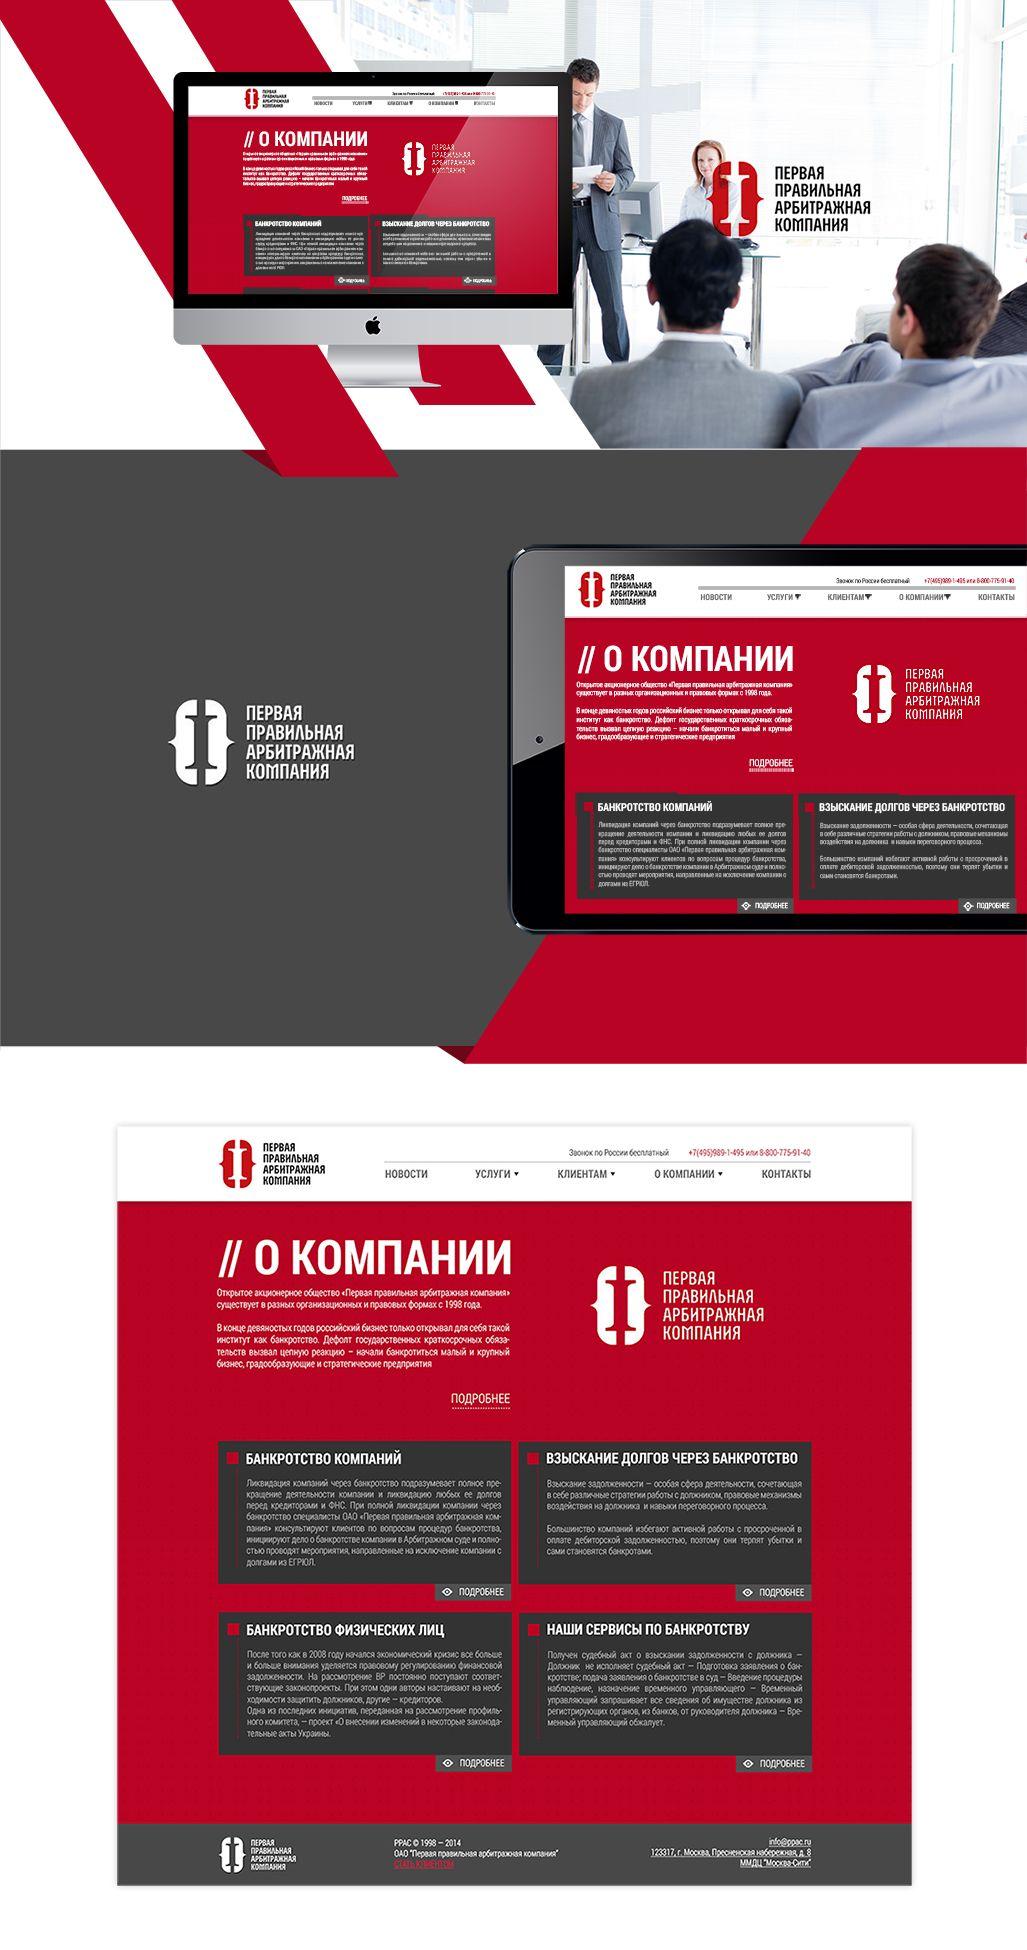 Дизайн главной страницы и типографика, Банкротство - дизайнер DynamicMotion